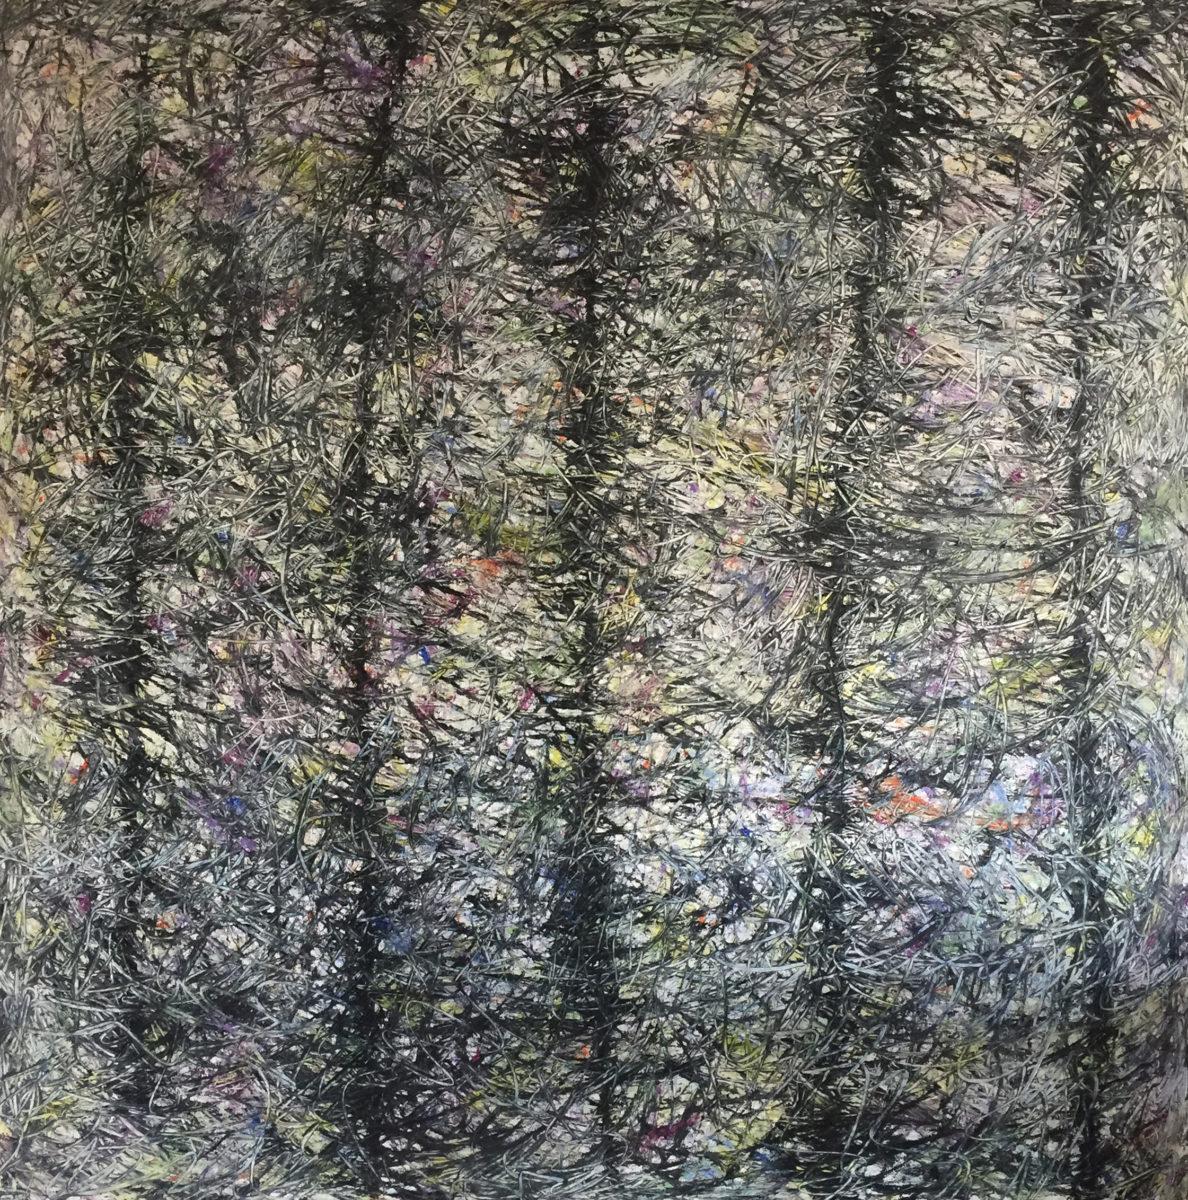 MARC FELD 2015 TEMPÊTE Huile et acrylique sur toile 160 x 160 cm